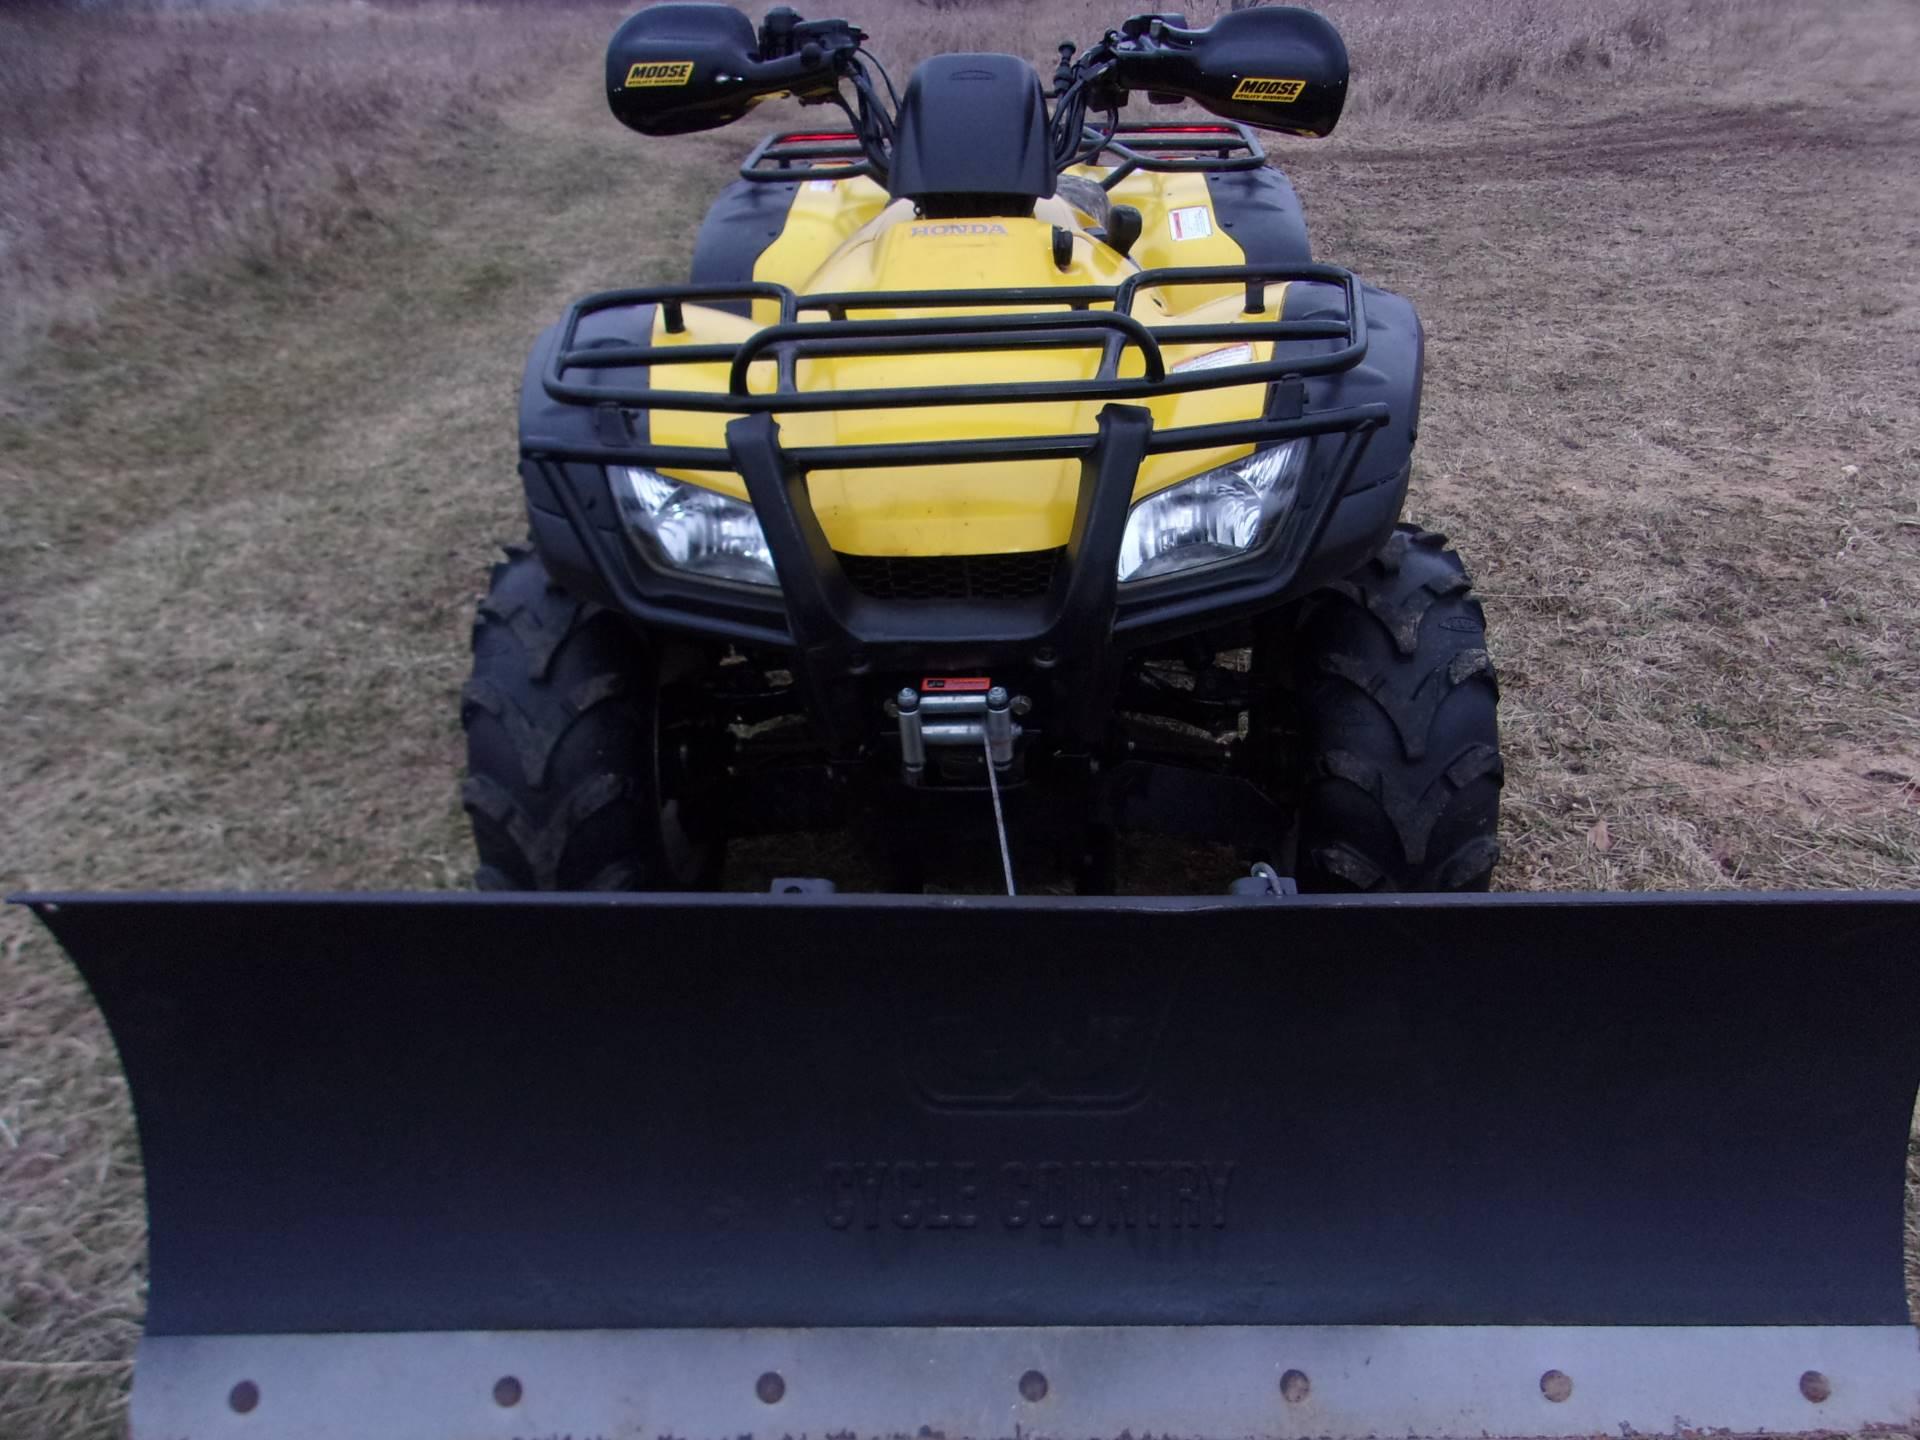 2005 Honda FourTrax Rancher AT 5